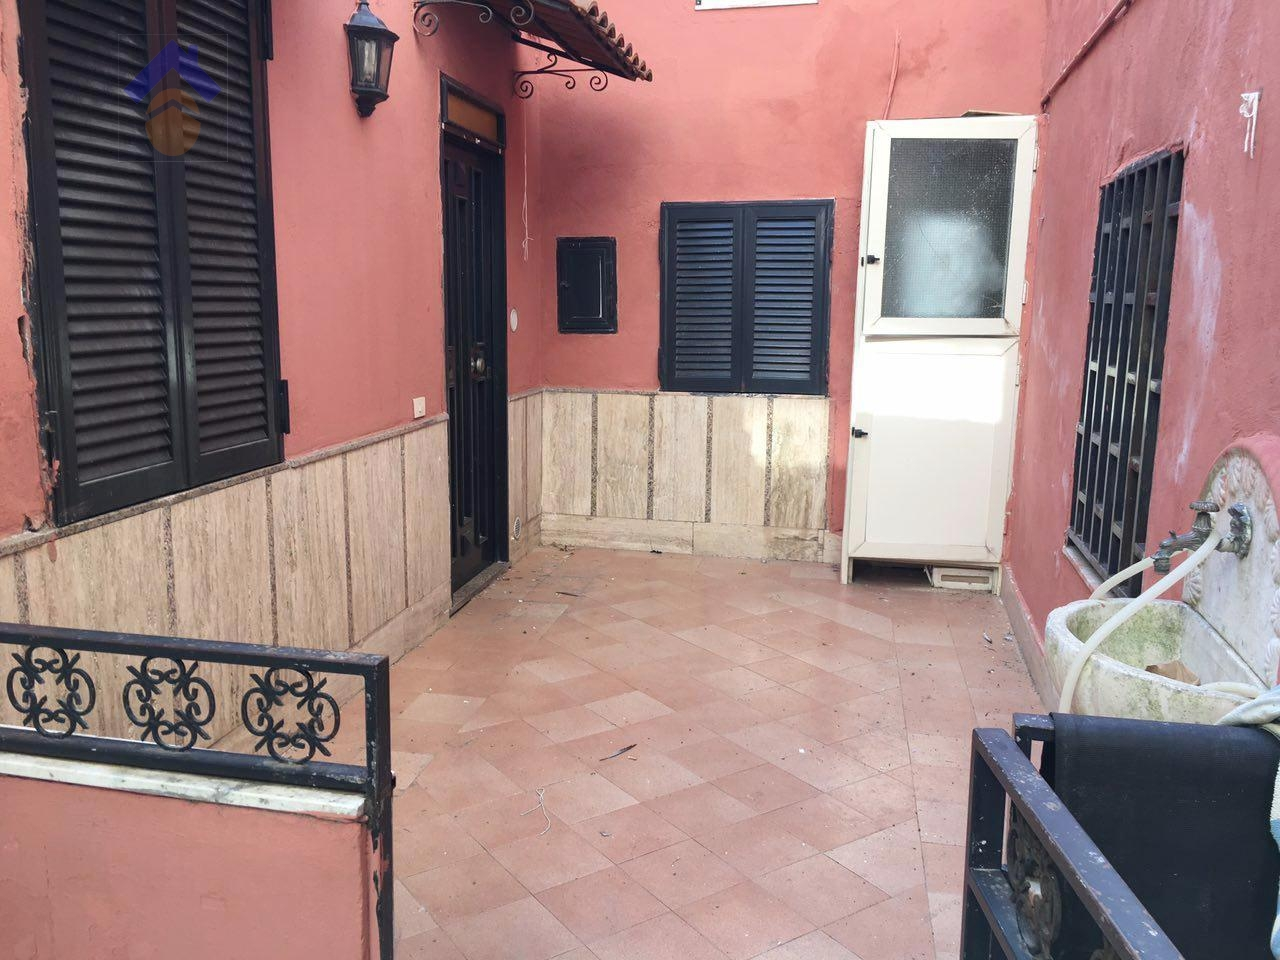 Appartamento in affitto a Torre Annunziata, 1 locali, zona Località: nord, prezzo € 75.000 | CambioCasa.it